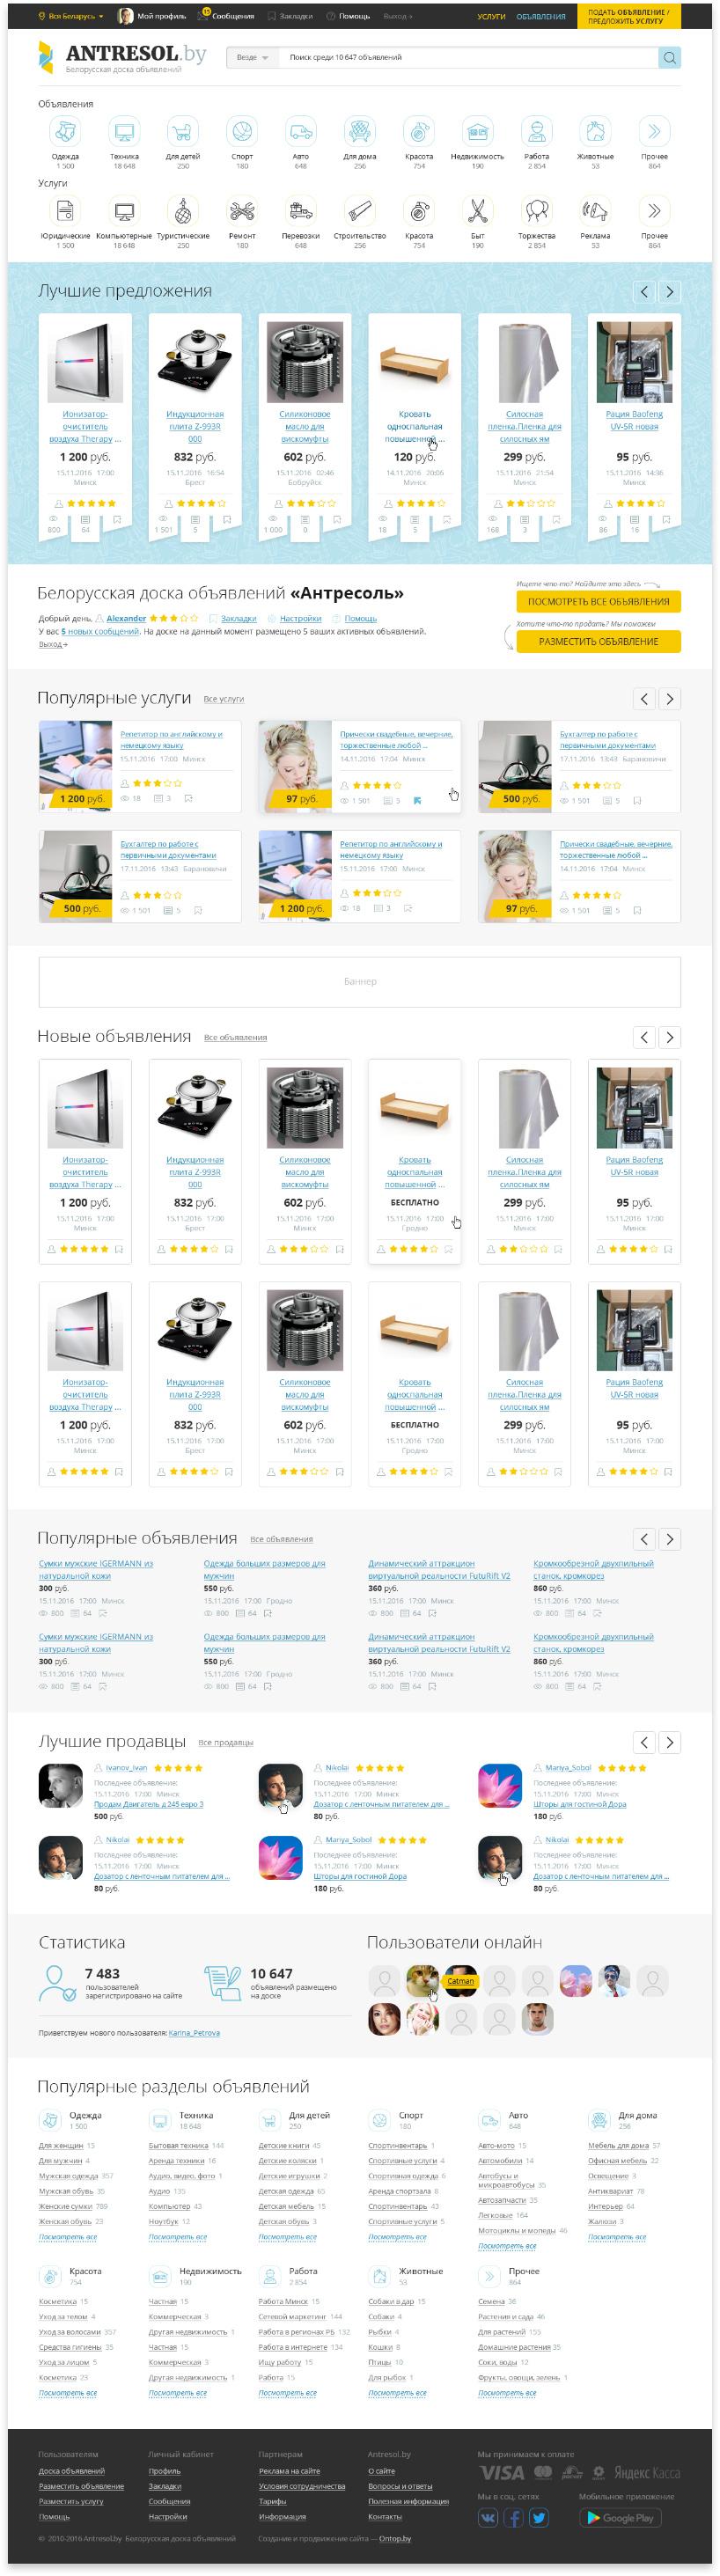 Адаптивный дизайн сайта доски объявлений